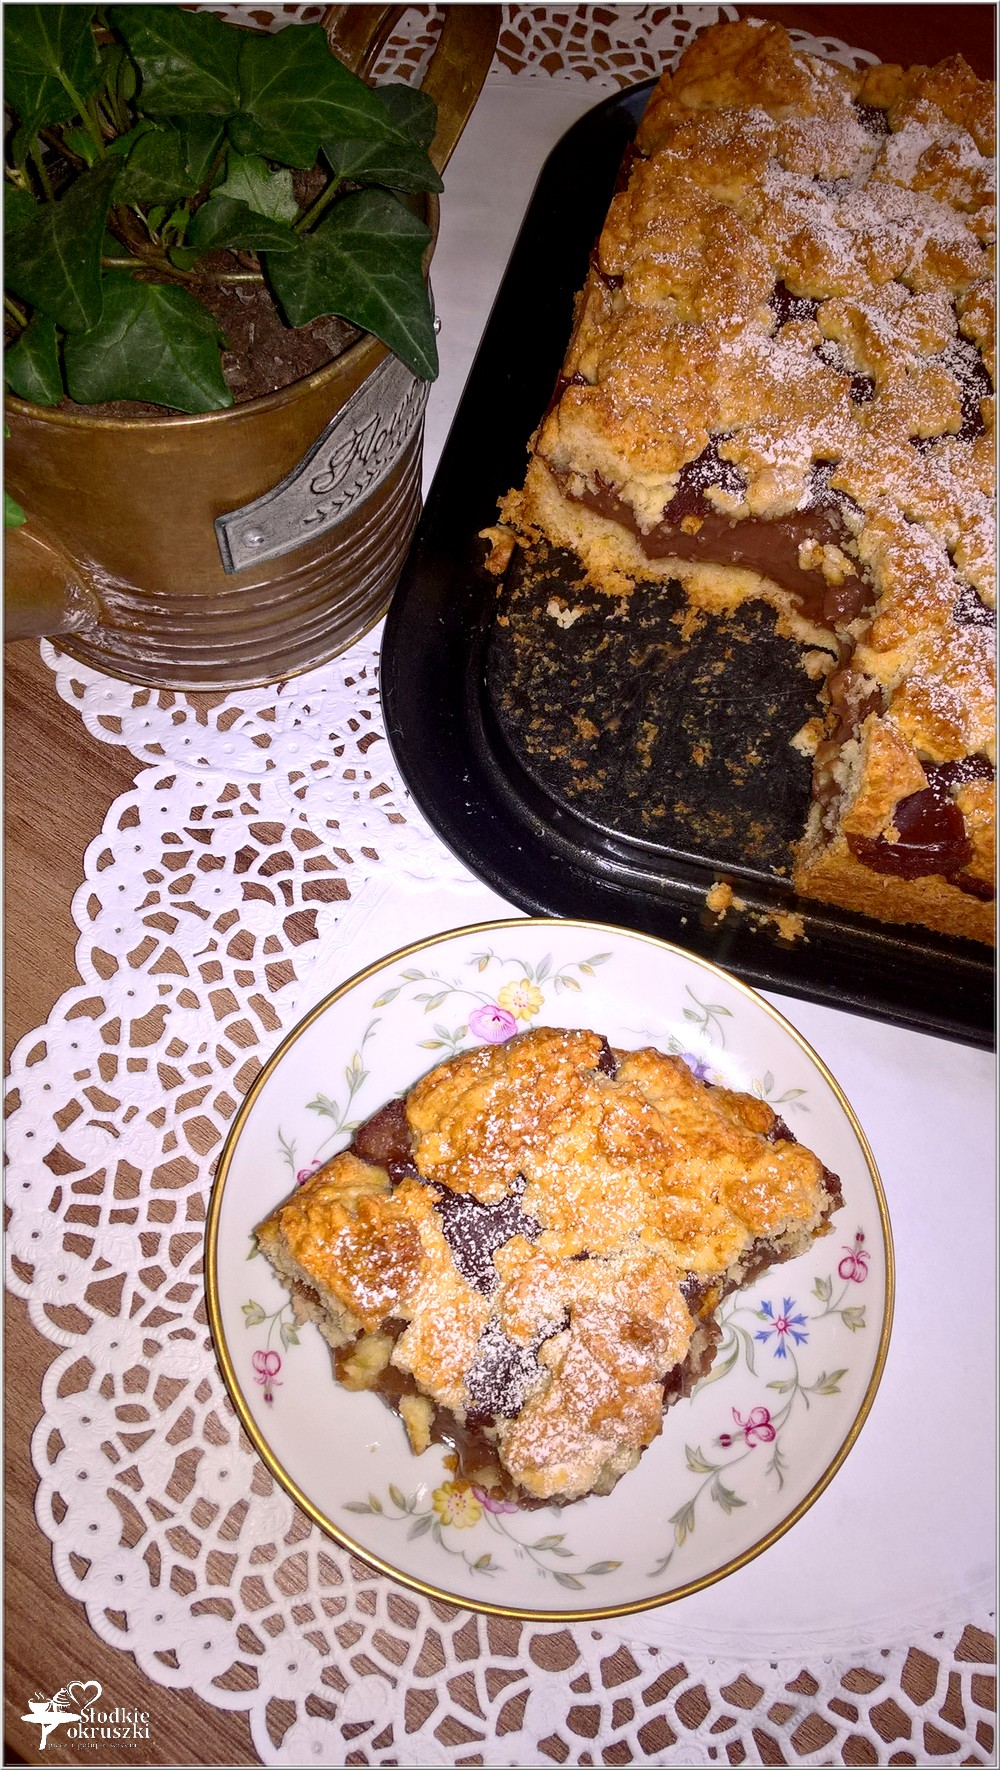 Kruche ciasto z czekoladowym wnętrzem (2)